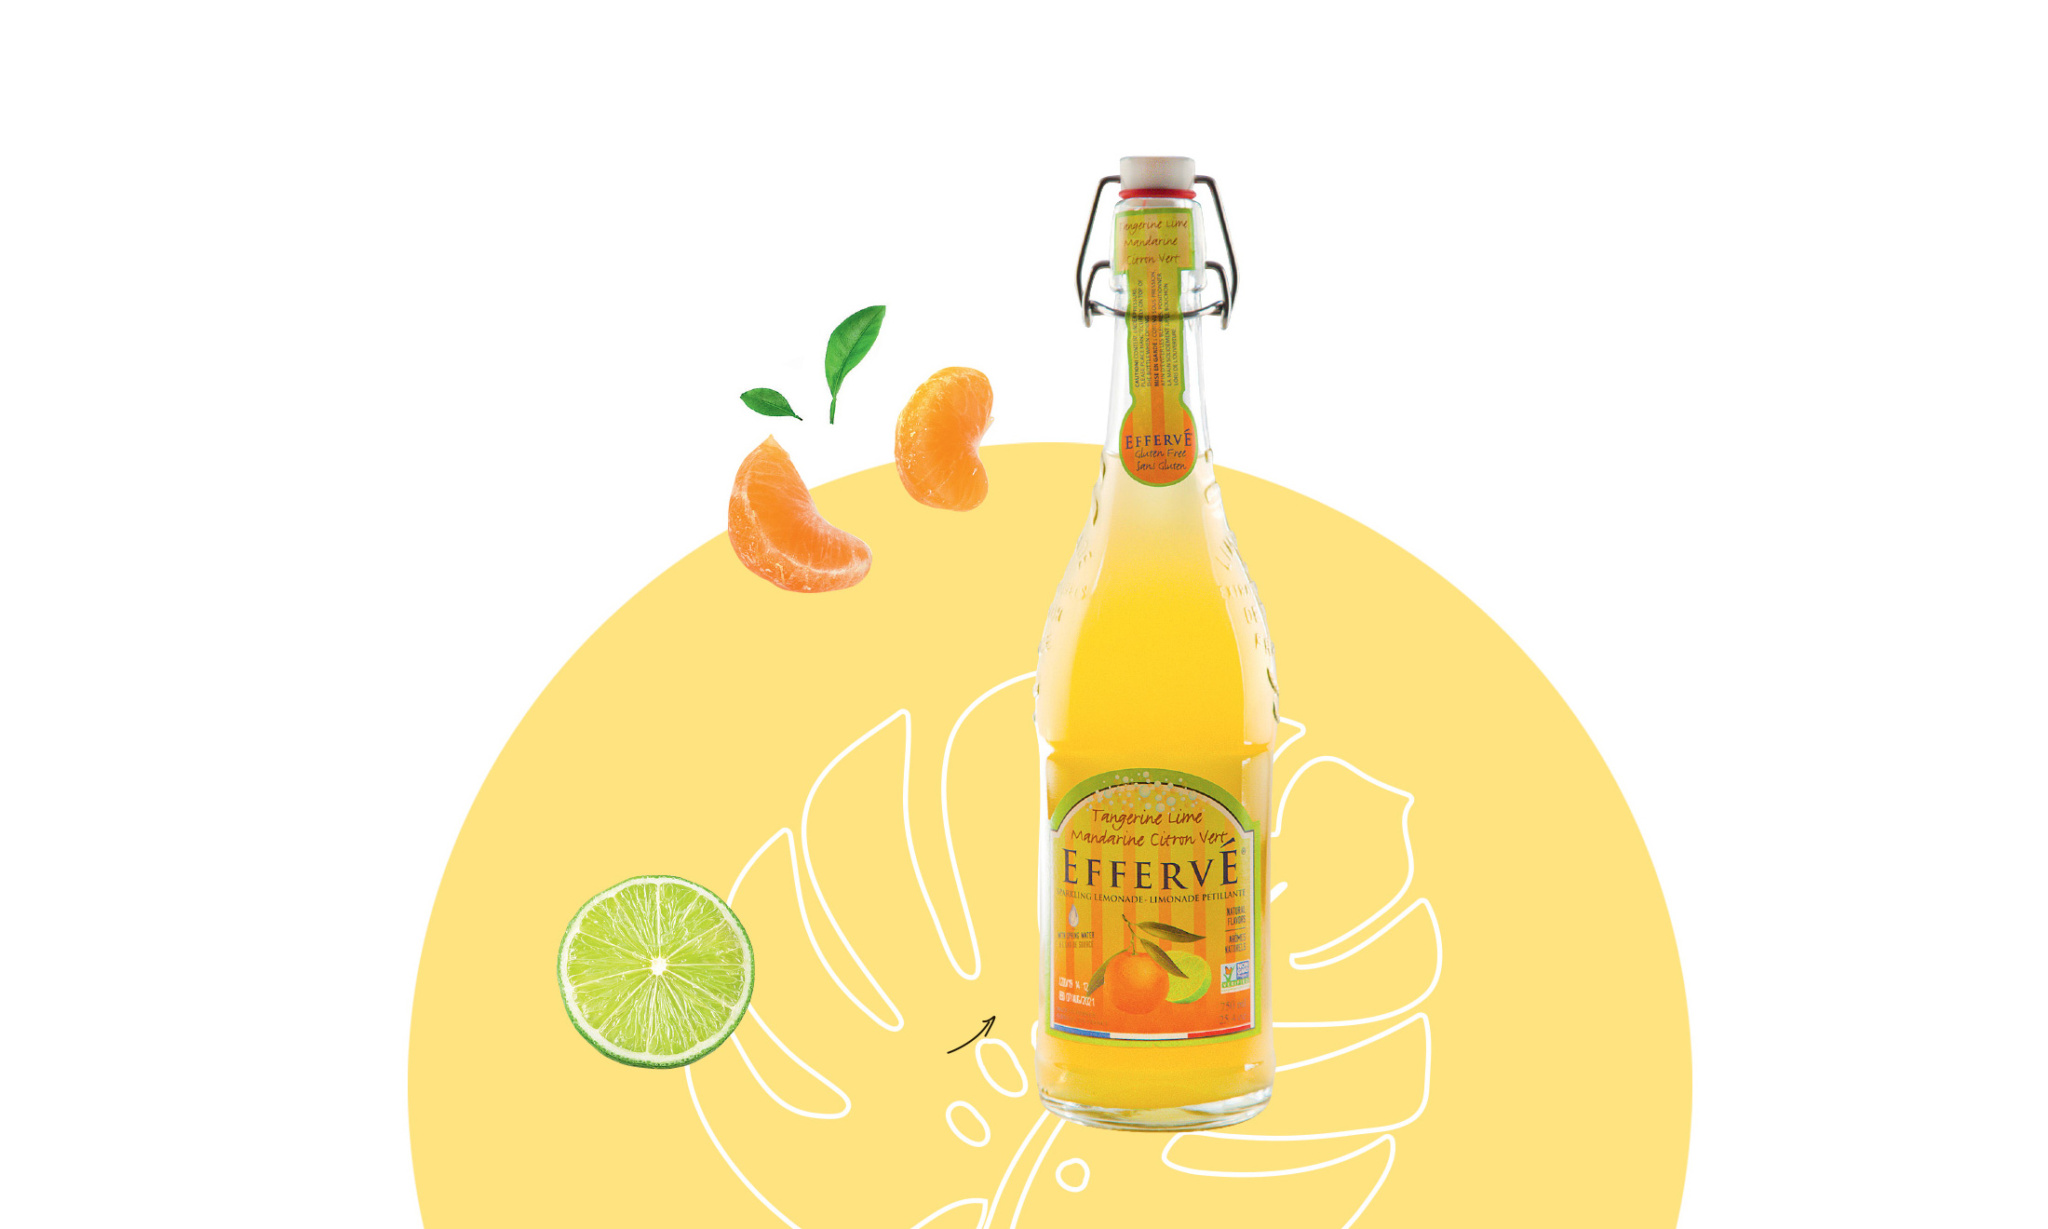 Натуральный лимонад: Efferve